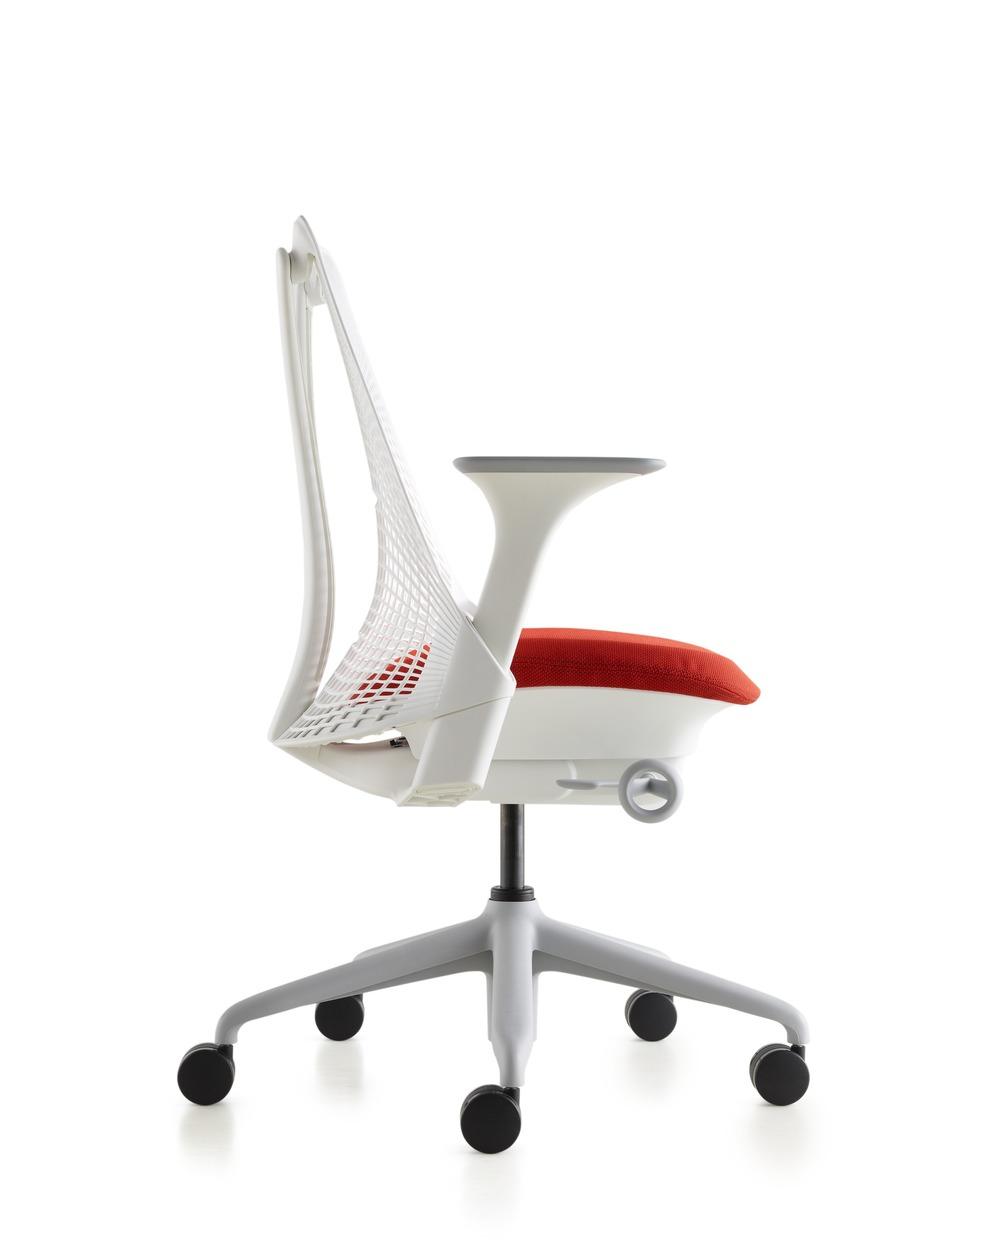 Versjon med Fog base, Studio white ramme og rødt stoff i setet.